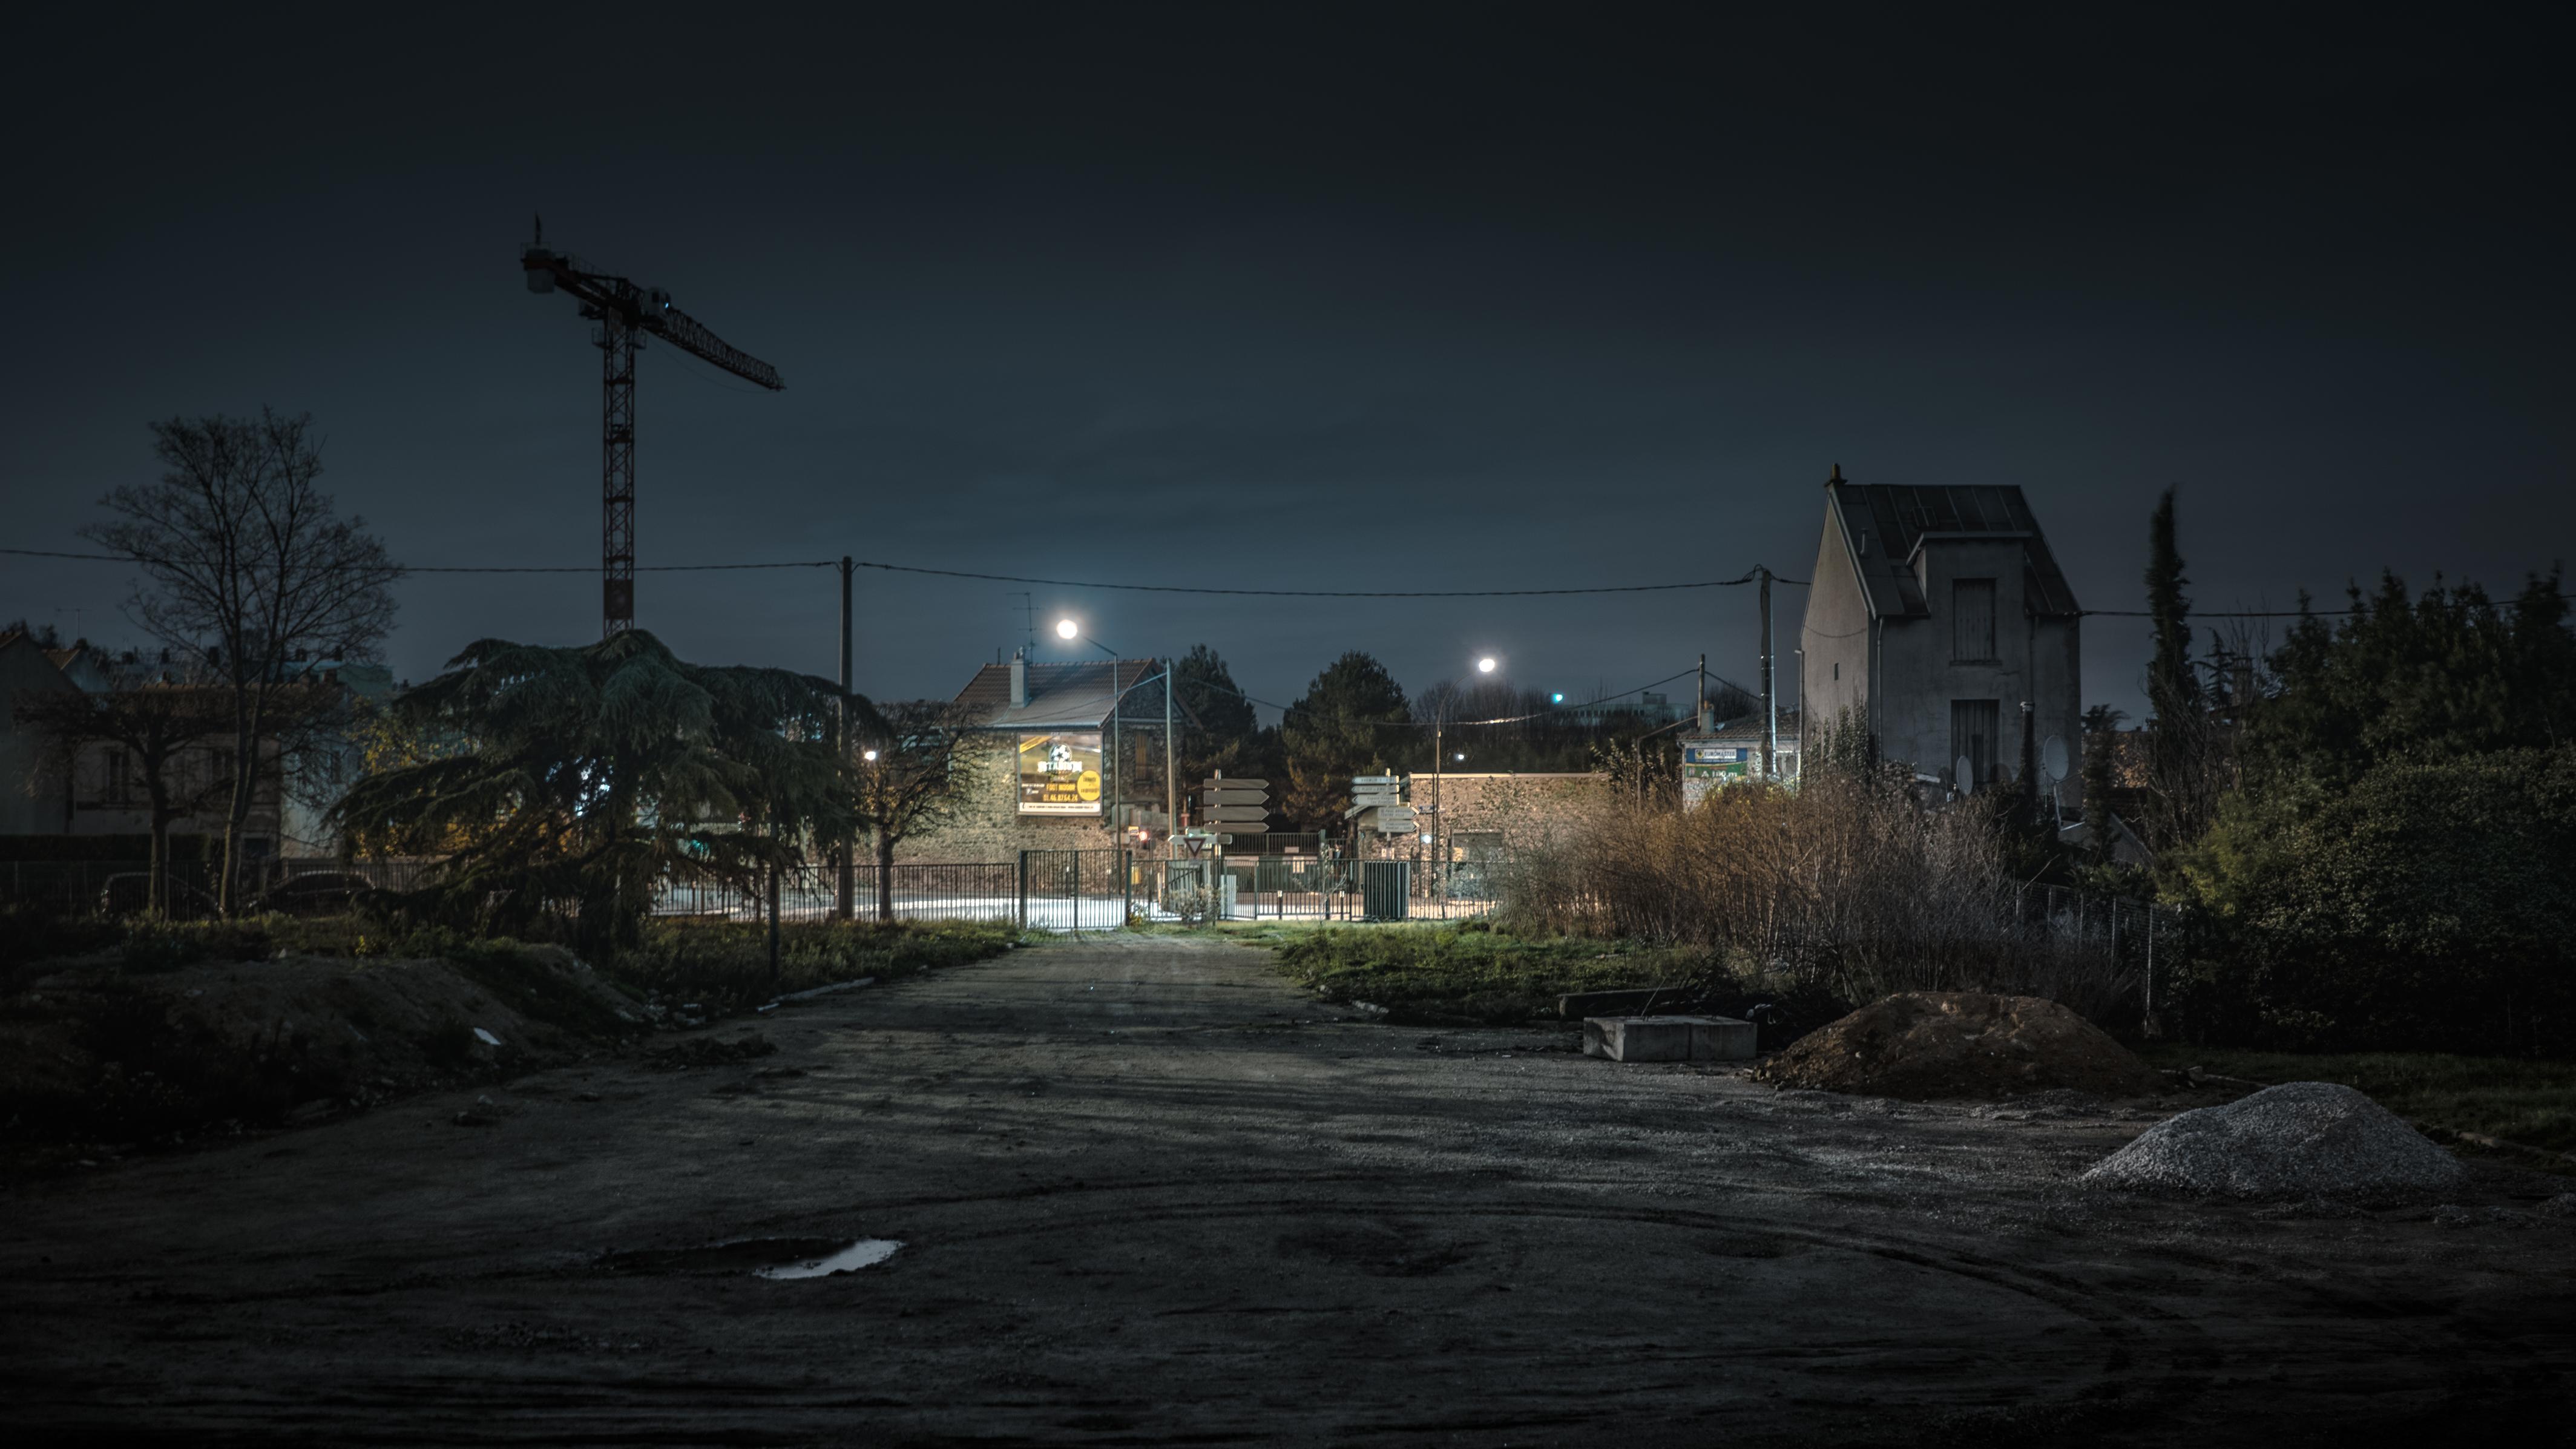 Alphaville Rémy Soubanère Banlieue Portfolio Nuit Orwell